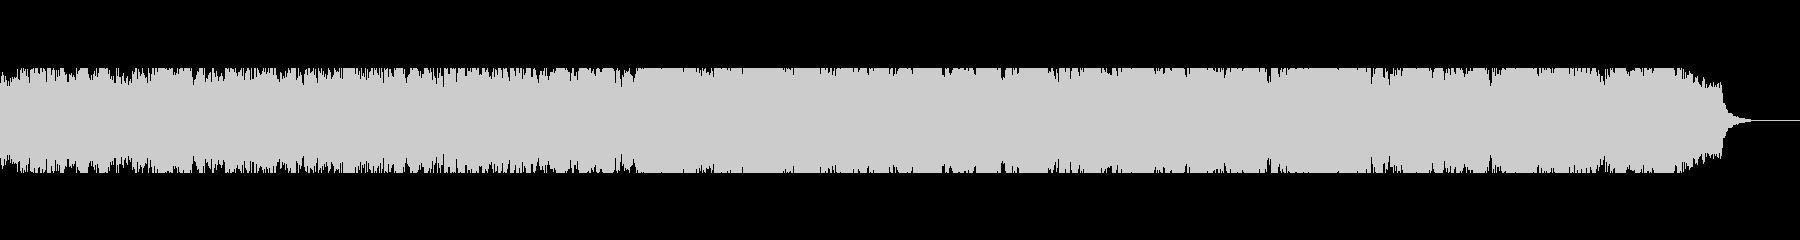 アコースティックギター(アコギ)センチの未再生の波形